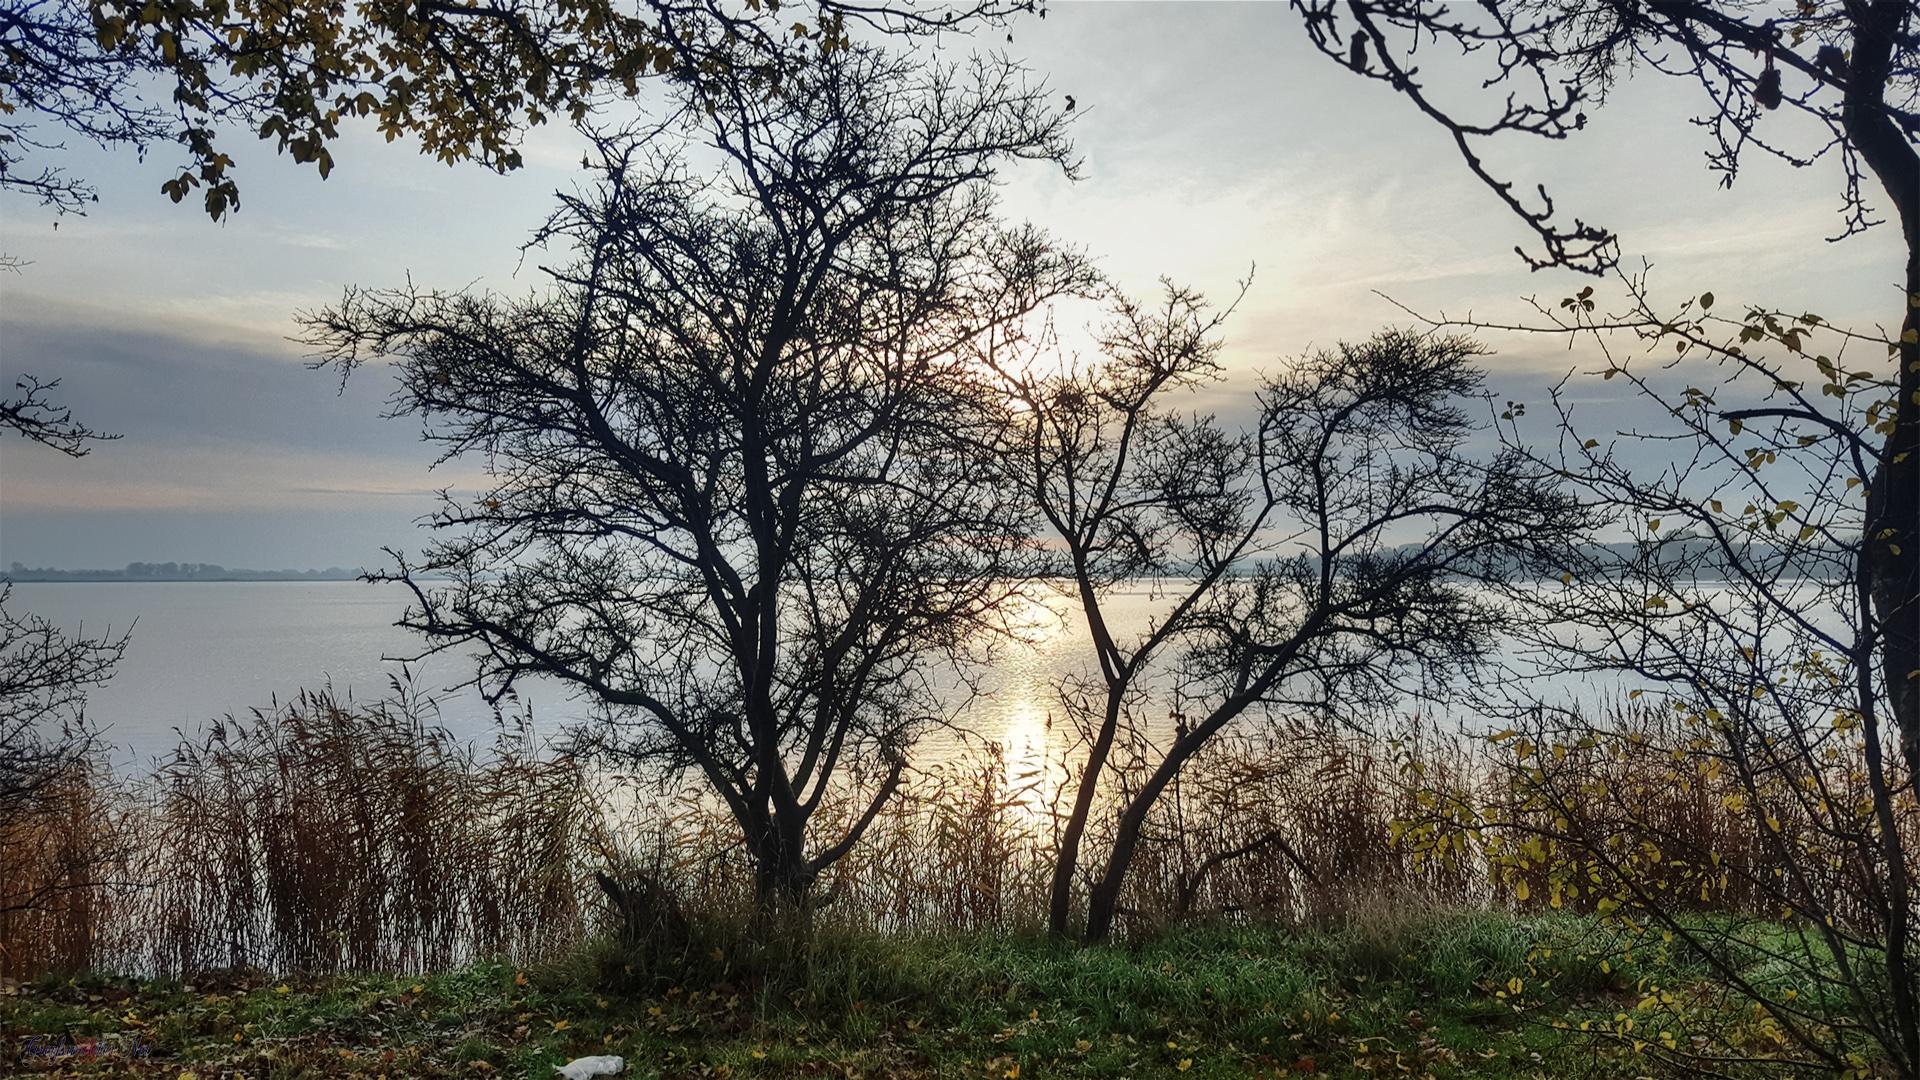 Herbststimmung an der Dänischen Wiek in Greifswald-Wieck